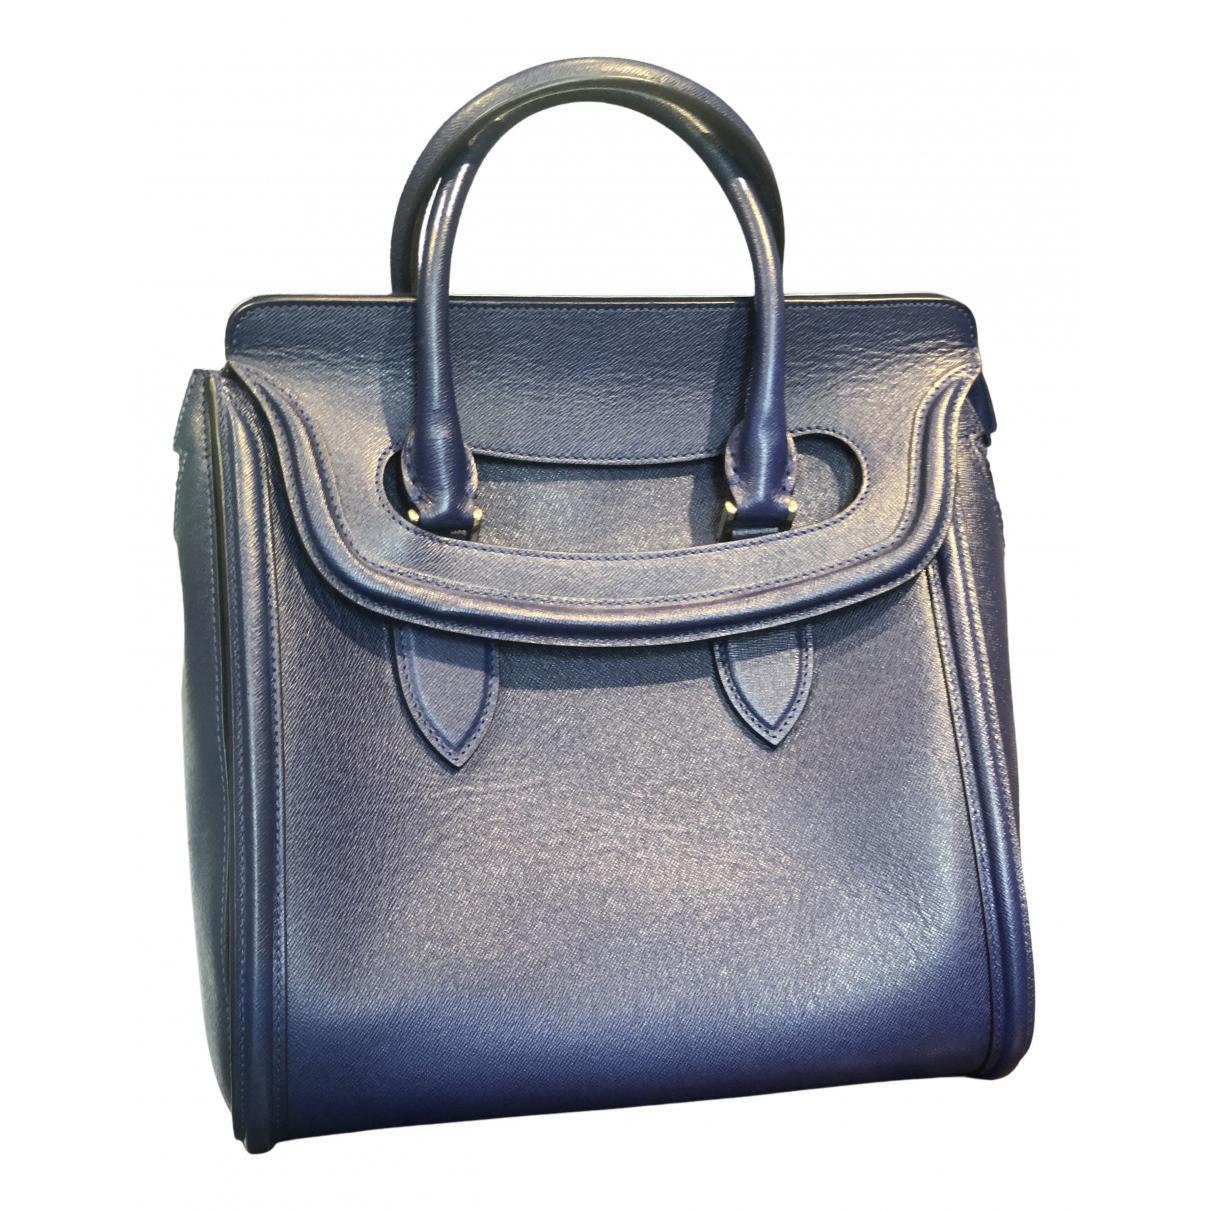 Alexander Mcqueen Heroine Blue Leather handbag for Women N